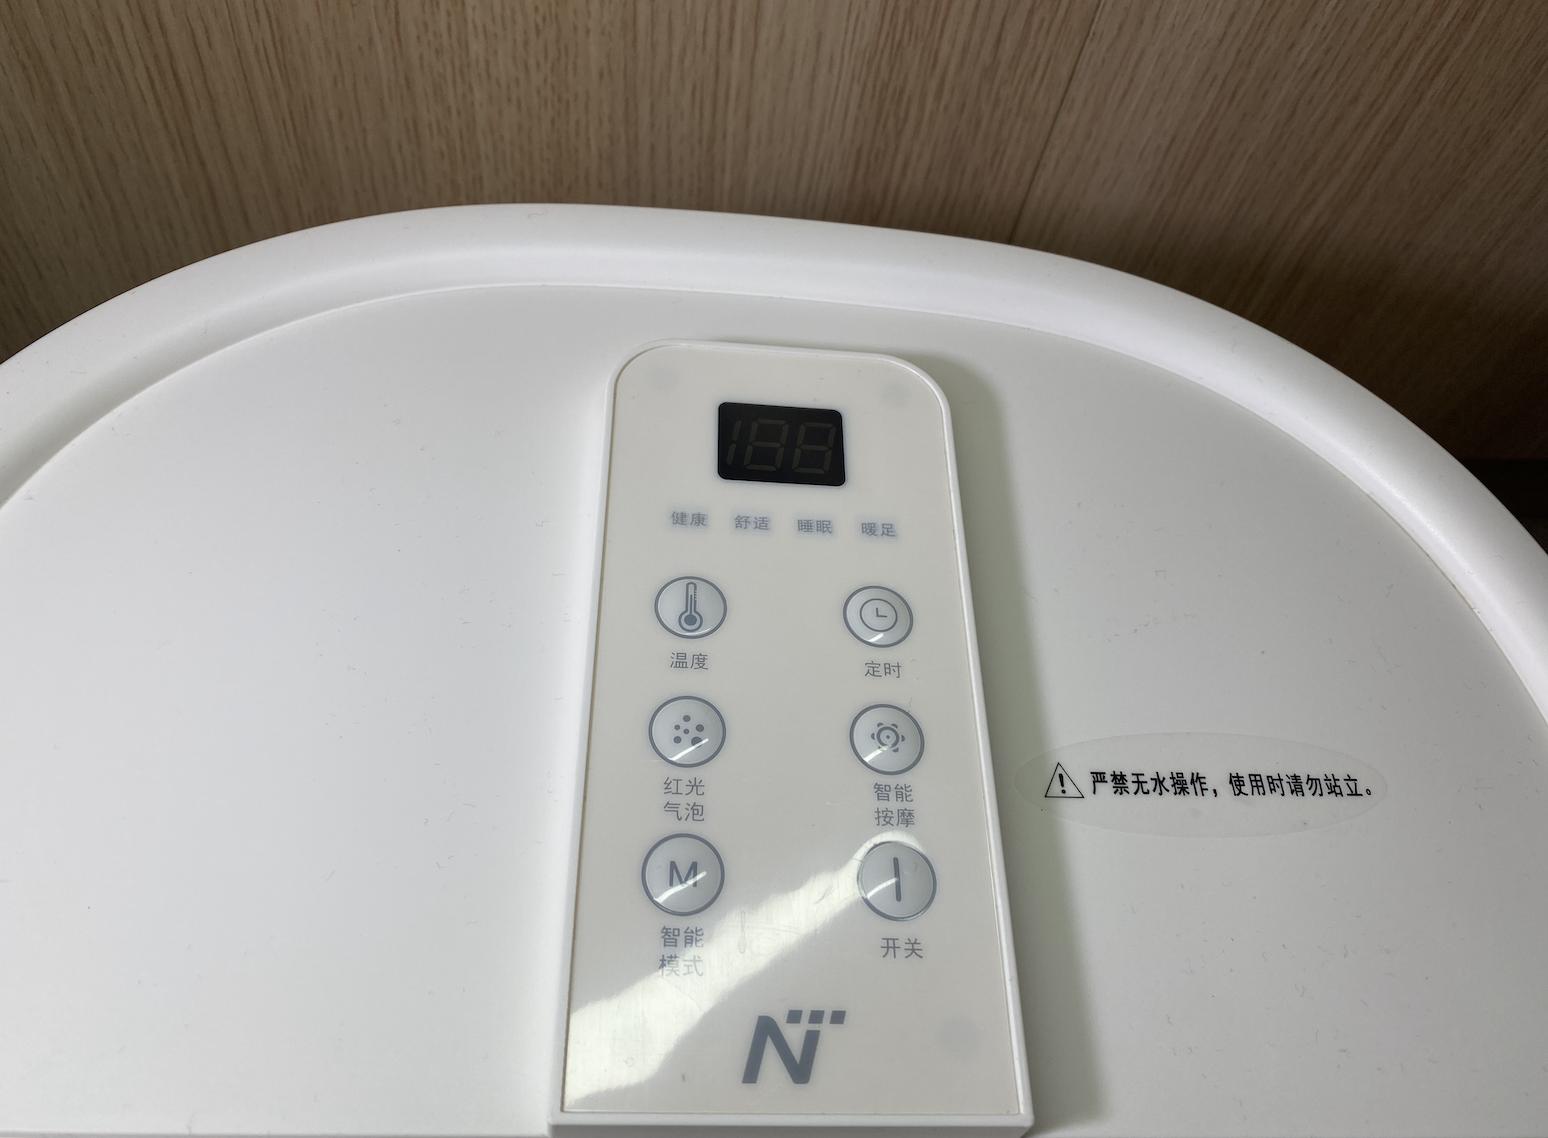 网易智造水浴足浴盆测评:泡脚养生好伴侣,足疗SPA样样不能少